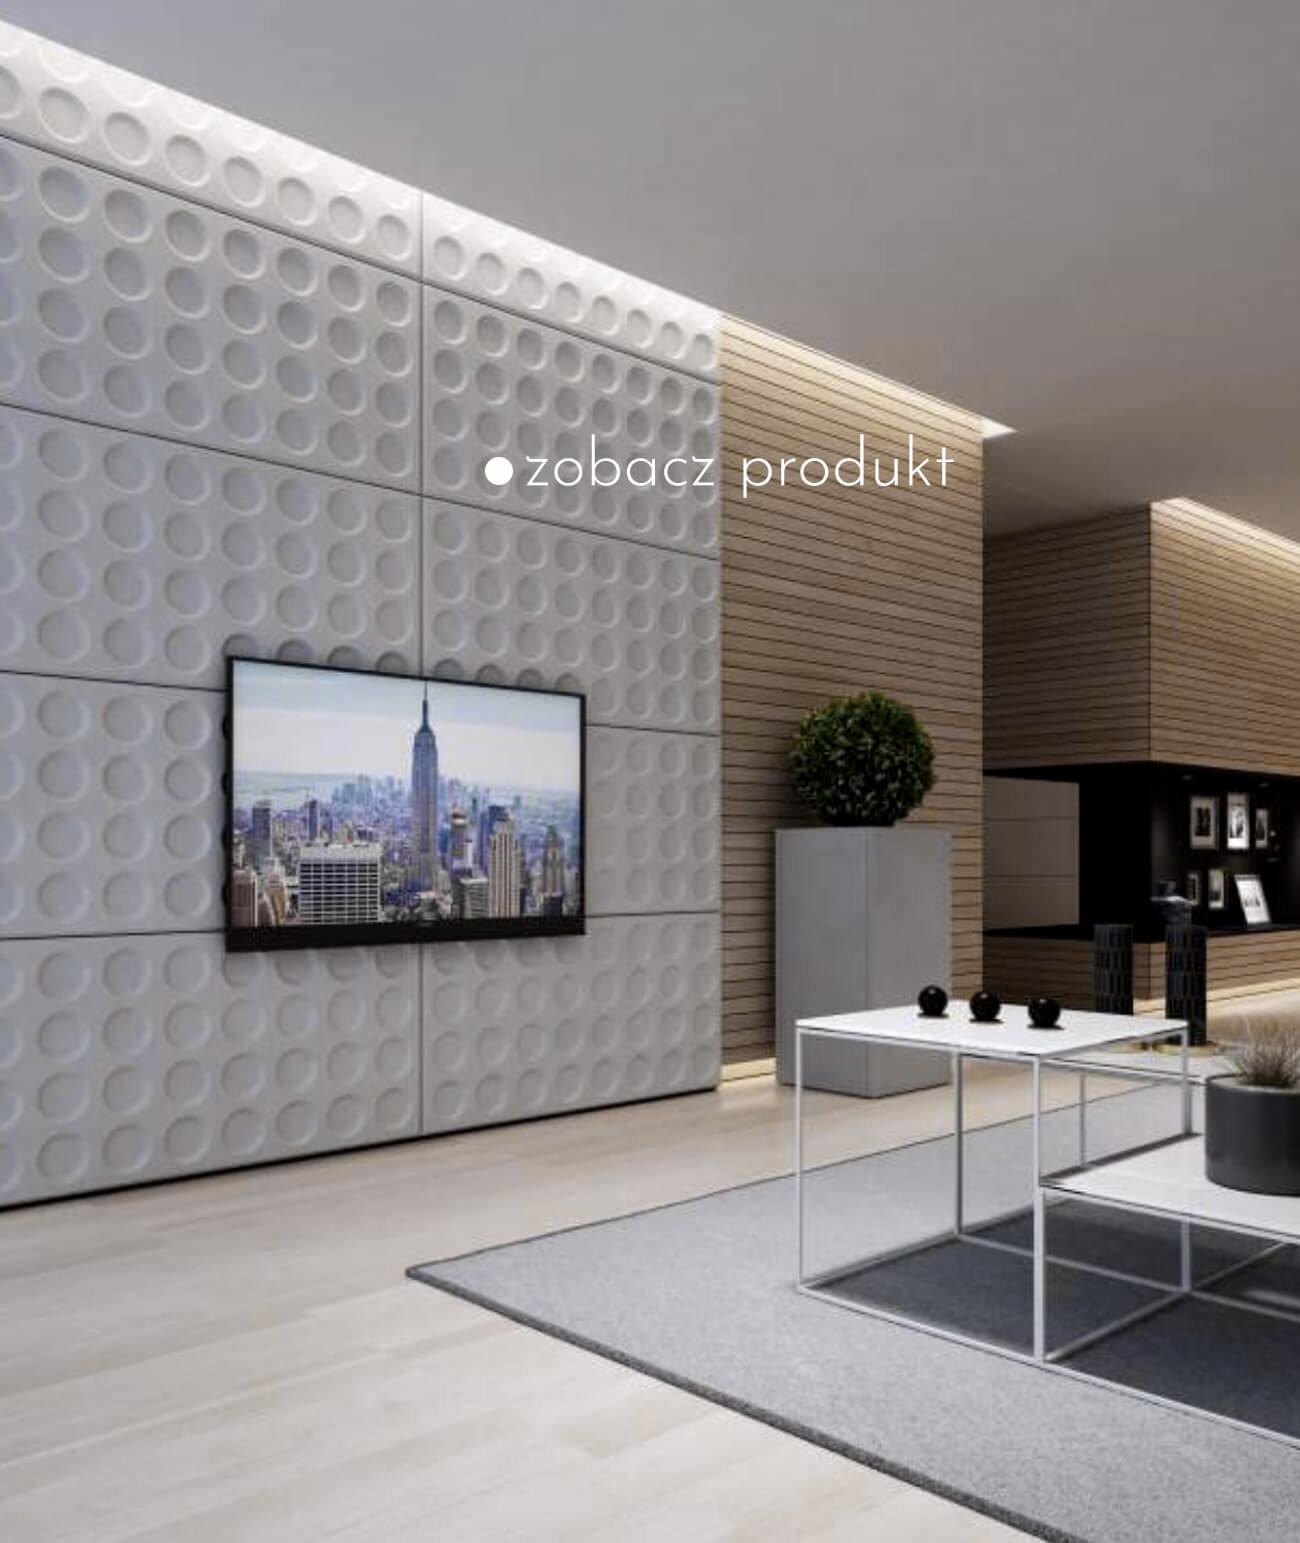 panele-betonowe-3d-scienne-i-elewacyjne-beton-architektoniczny_896-19855-pb28-b1-siwo-bialy-grid---panel-dekor-3d-beton-architektoniczny-panel-scienny